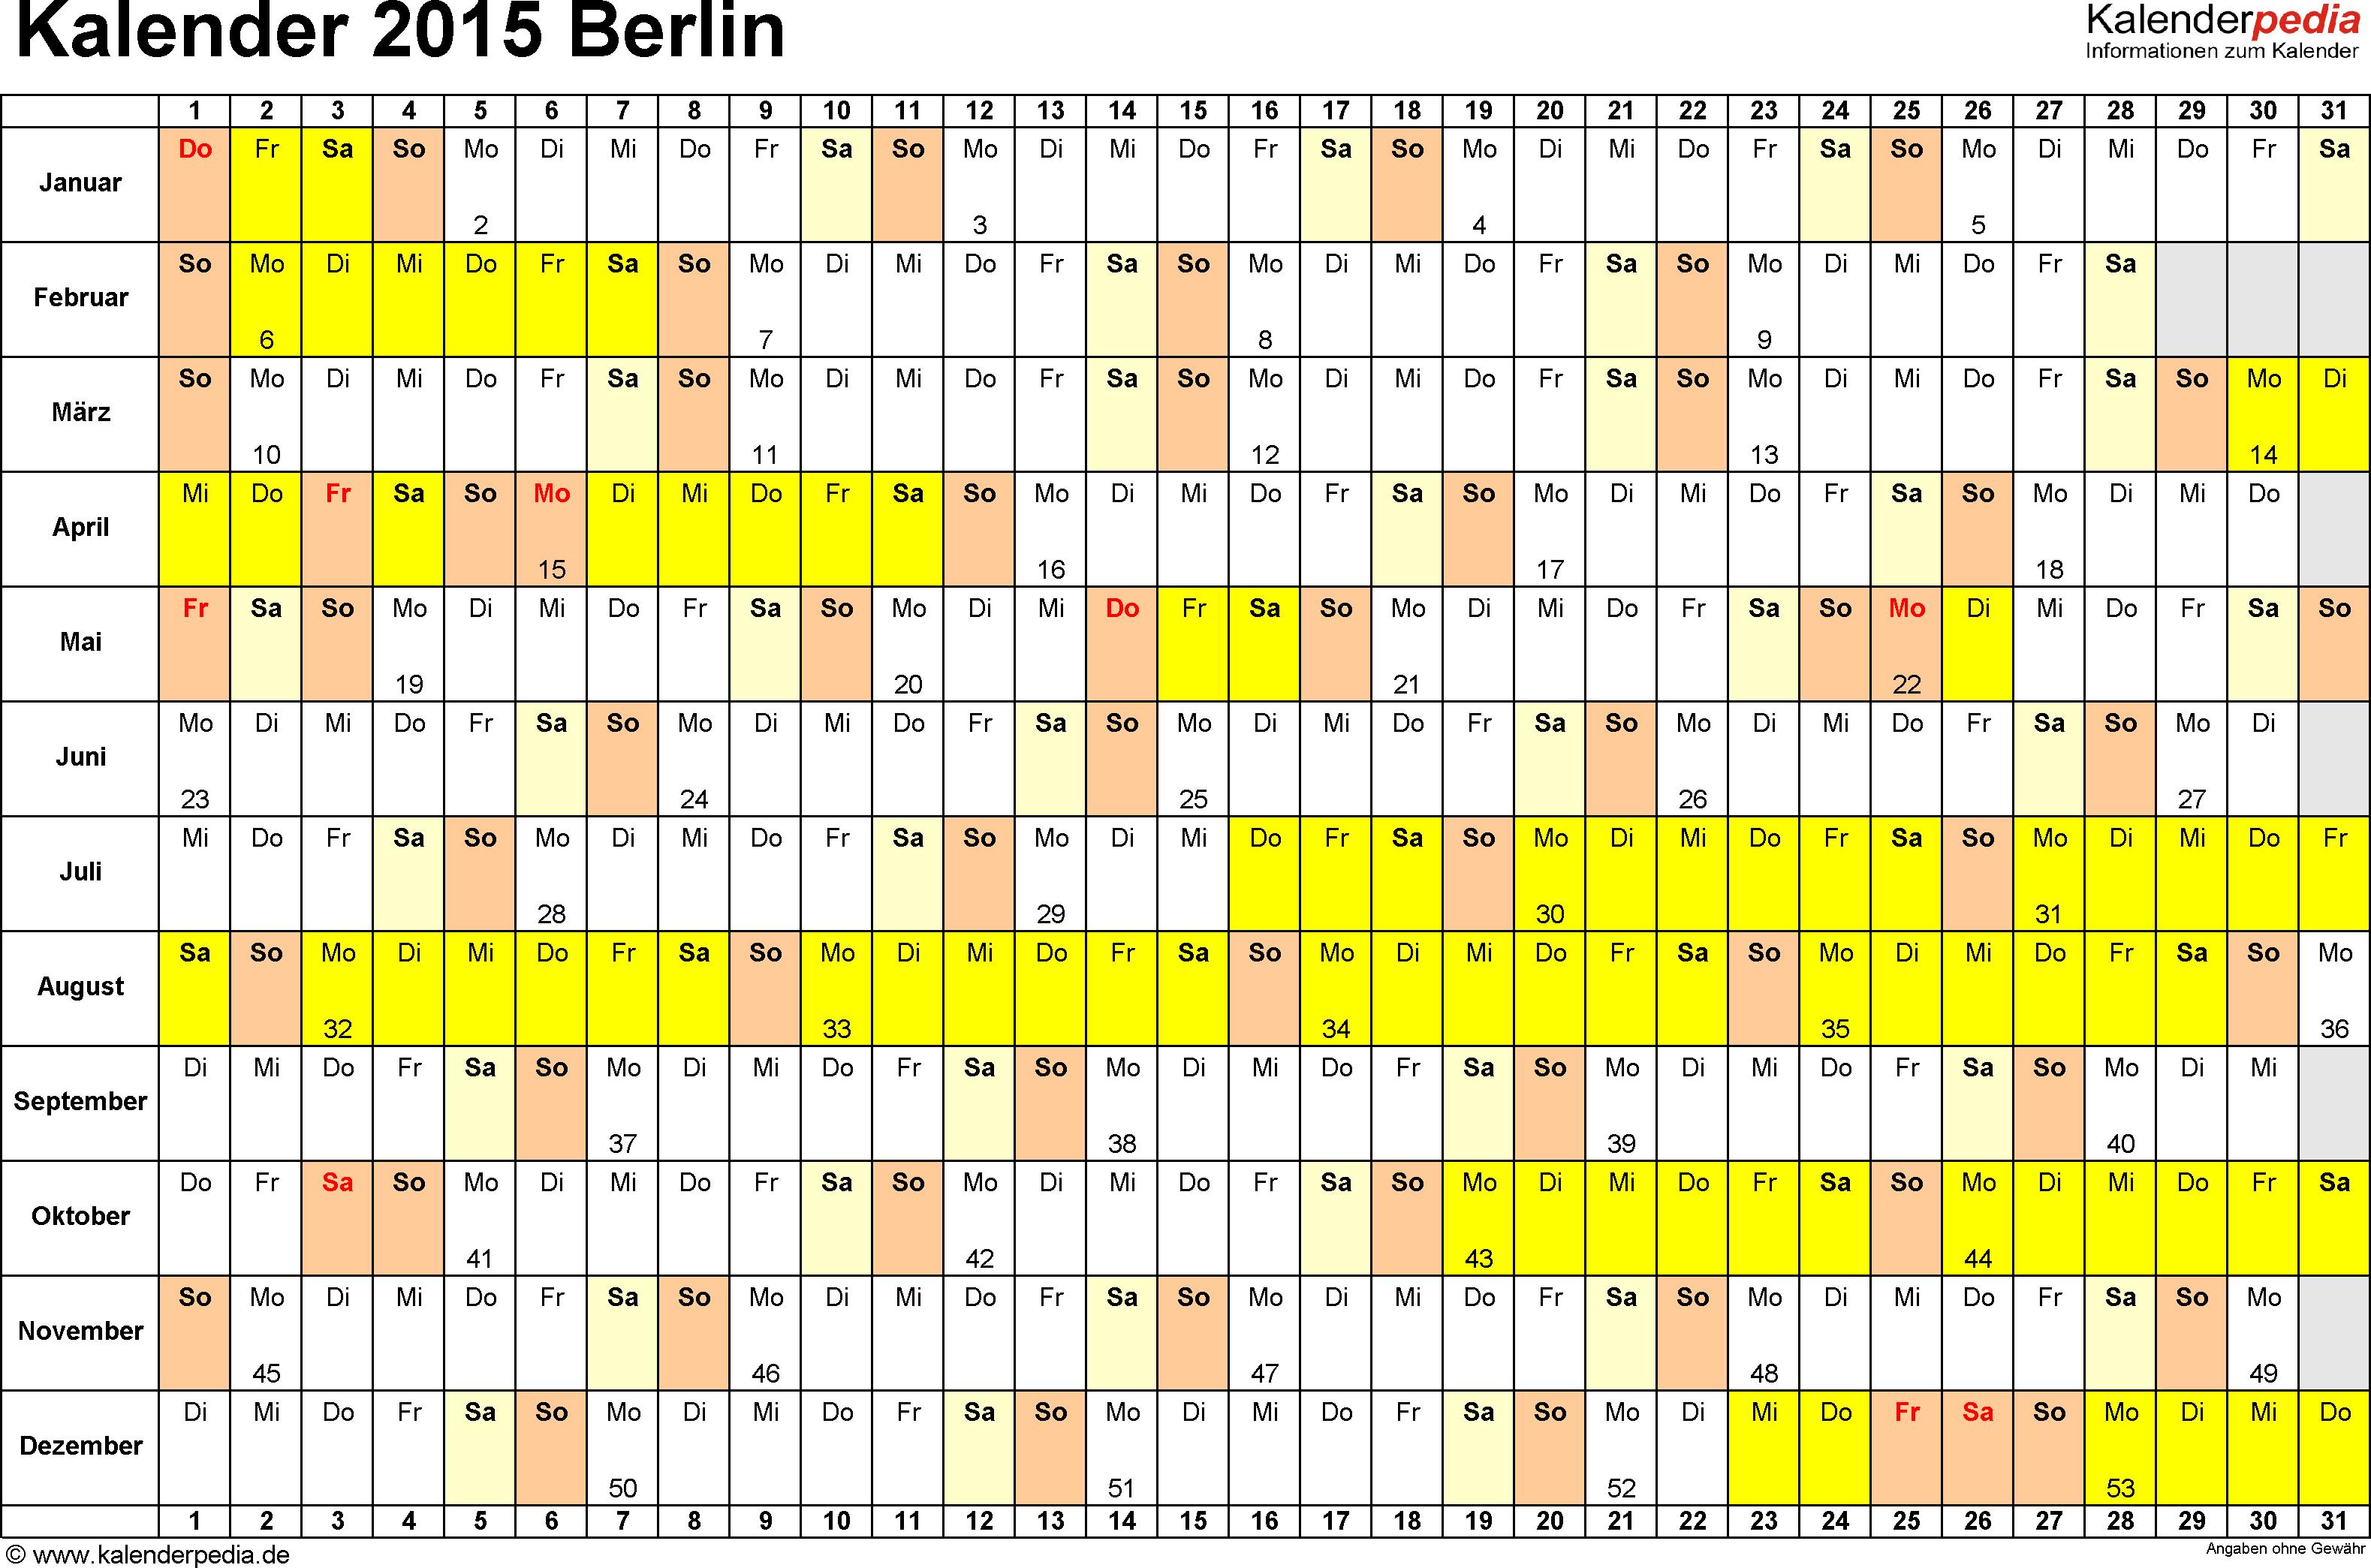 Vorlage 2: Kalender Berlin 2015 im Querformat, Tage nebeneinander